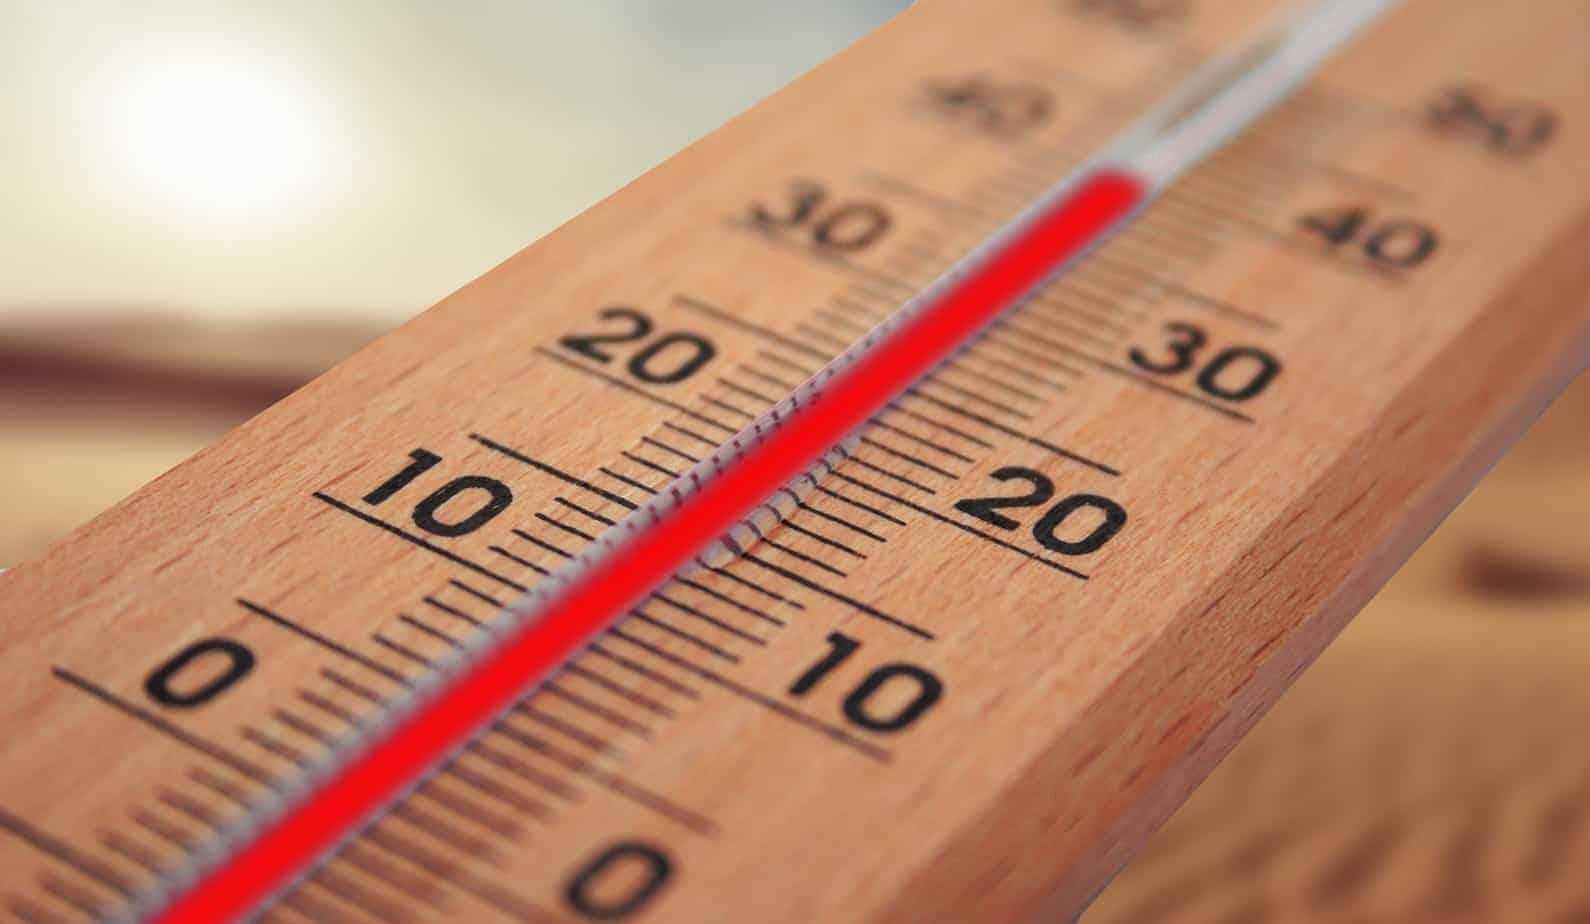 ONEMI emite alerta temprana por altas temperaturas que llegarían a 35 grados en Los Ángeles